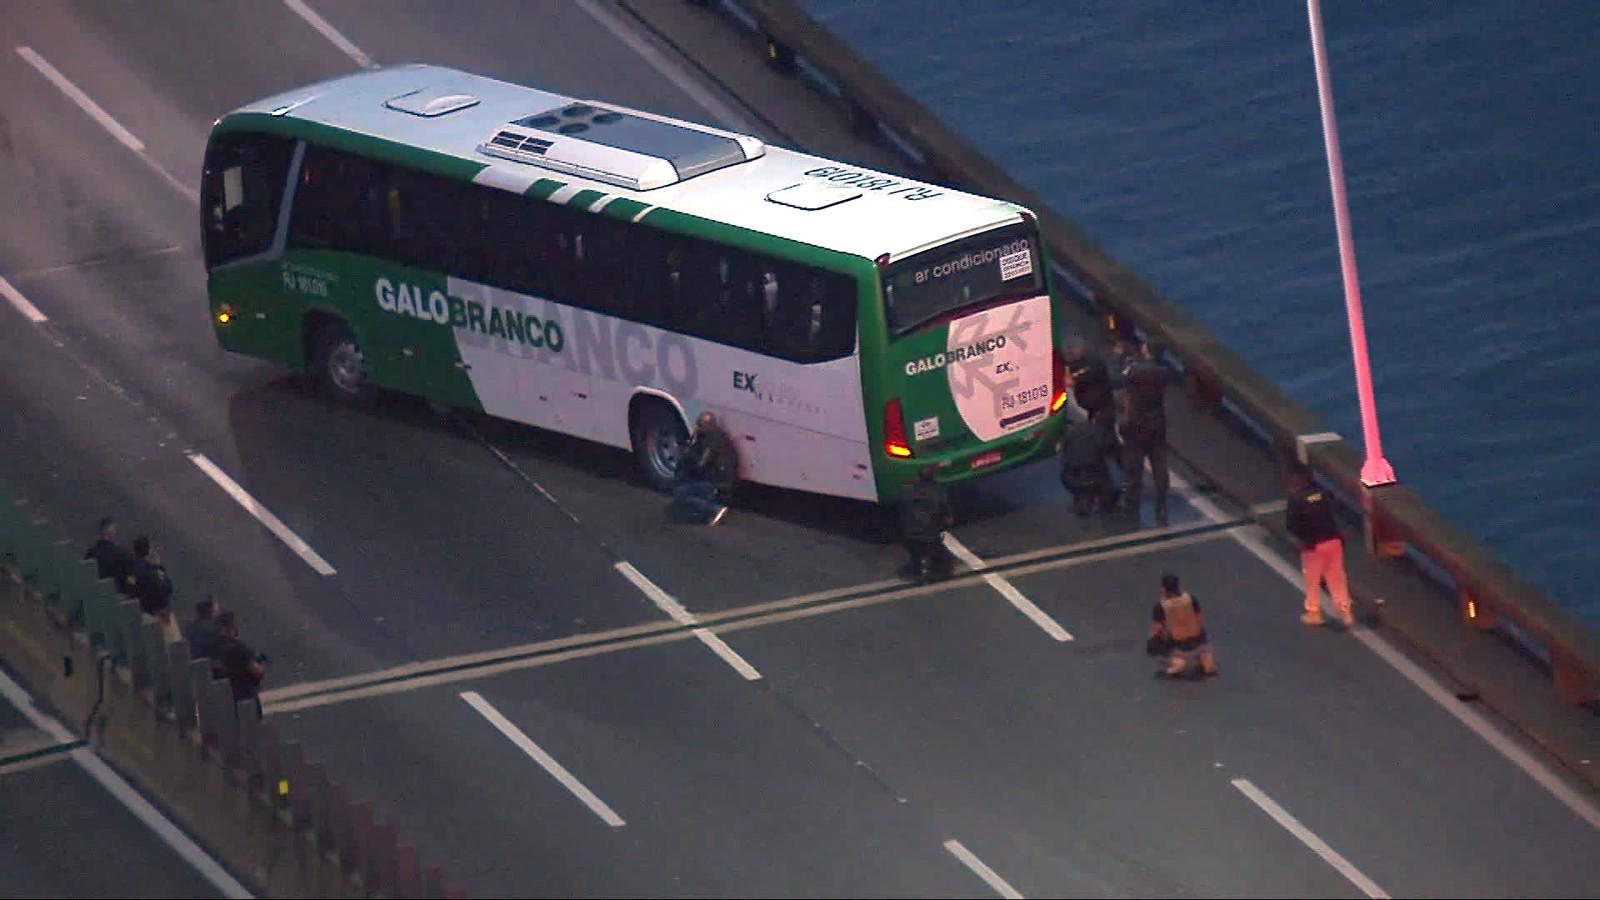 SEQUESTRO – Homem armado mantém reféns dentro de ônibus na Ponte Rio-Niterói